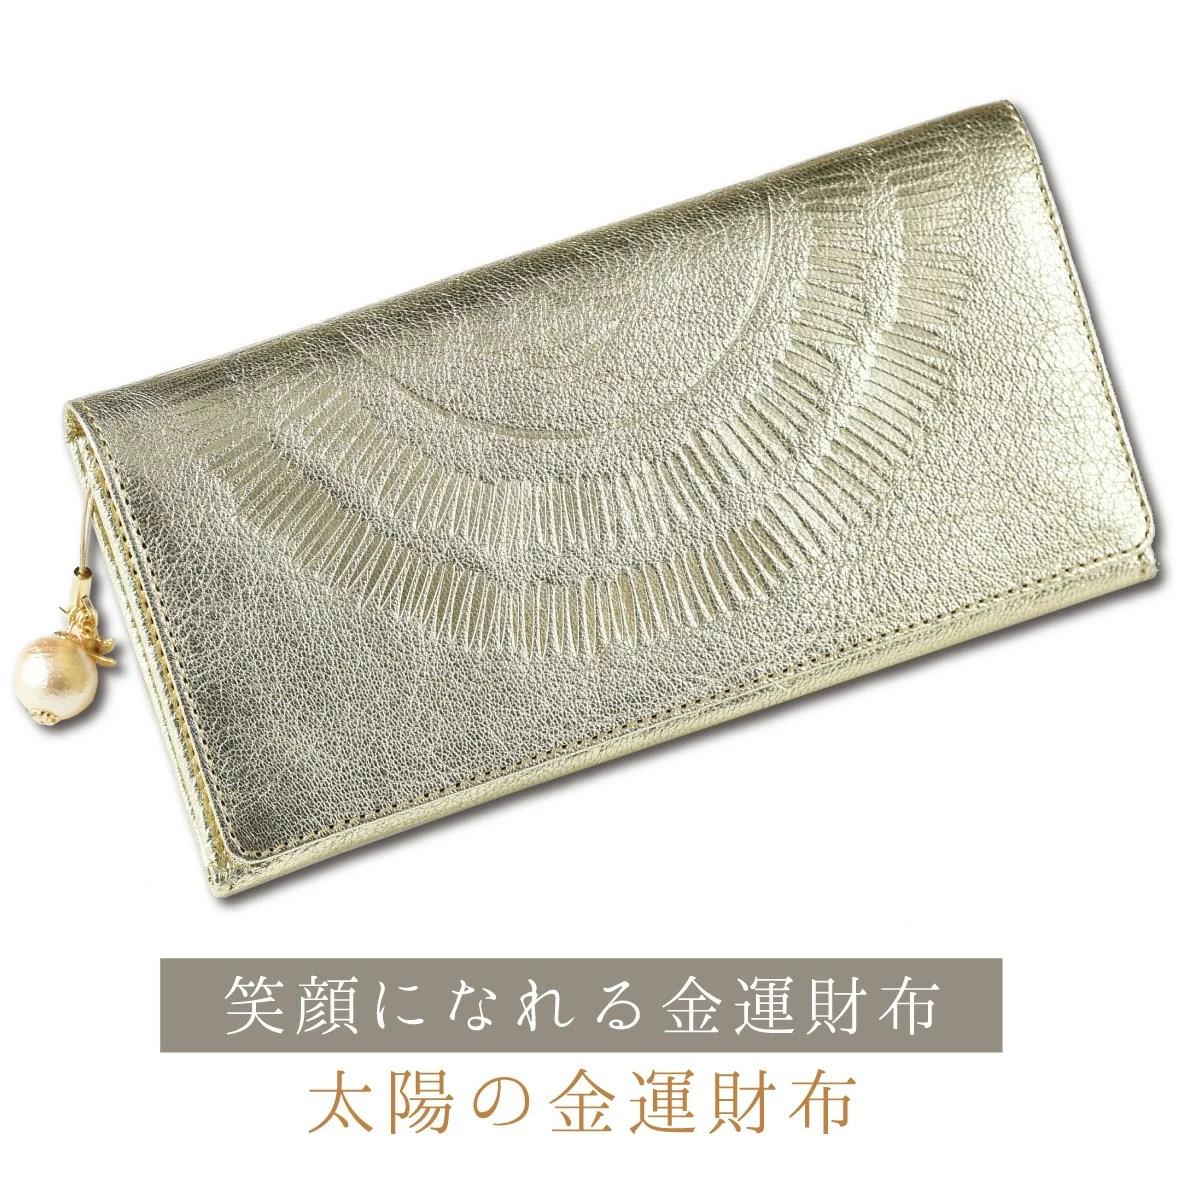 RIEの『太陽の金運財布』 ≫ 山羊革使用の可愛いゴールド財布。レジの人まで笑顔にしちゃう財布です! 本革 レディース ゴールド 開運財布 長財布